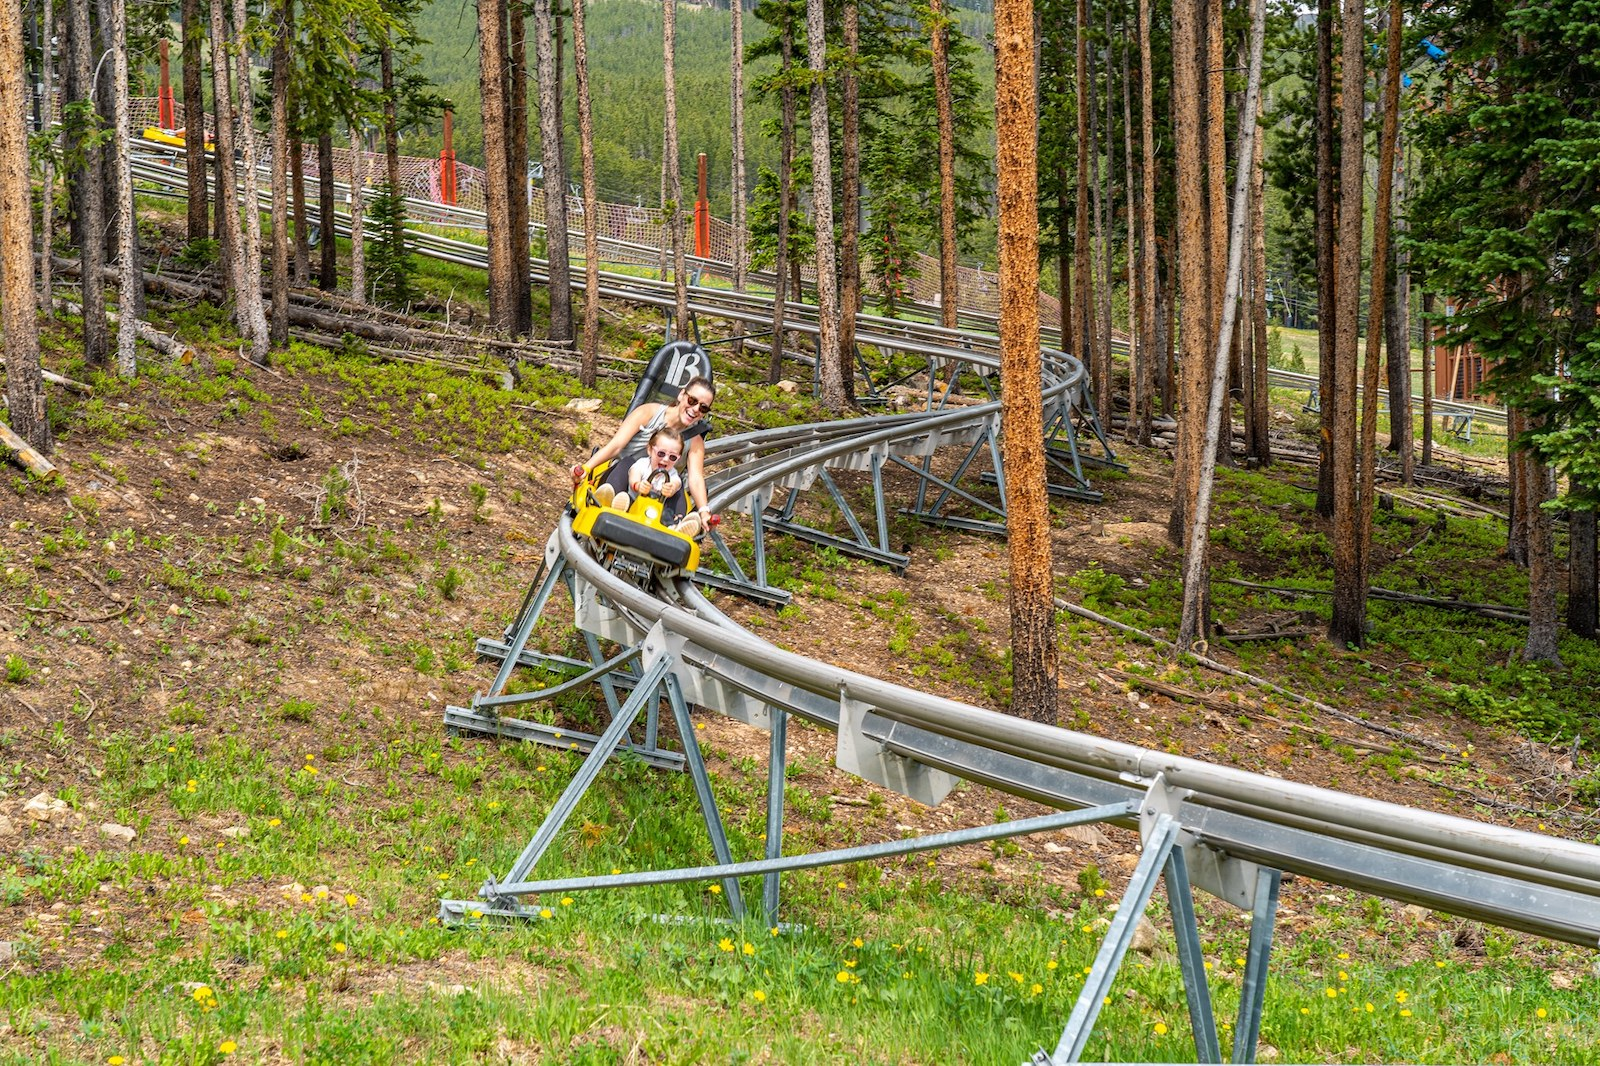 Image of the Epic Discovery alpine coaster in Breckenridge, Colorado